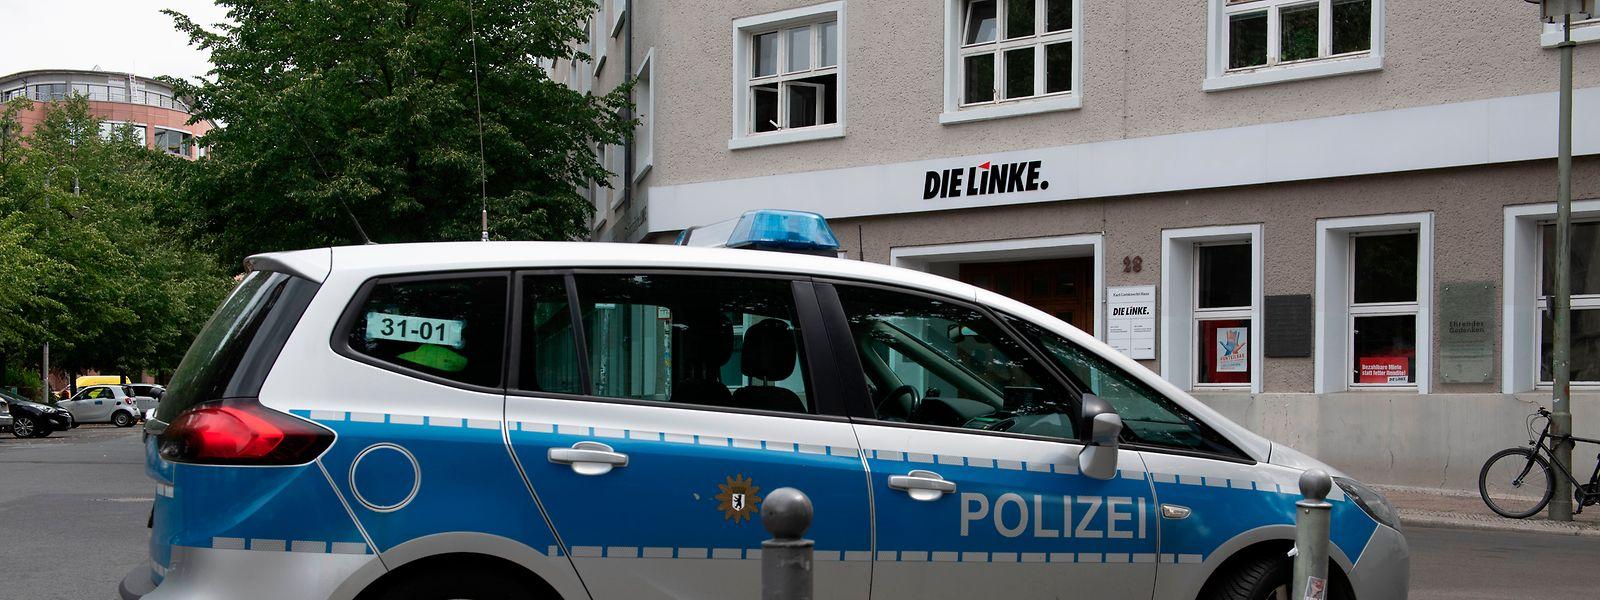 Rund 50 bs 60 Menschen mussten das Karl-Liebknecht-Haus auf Anordnung der Polizei verlassen.